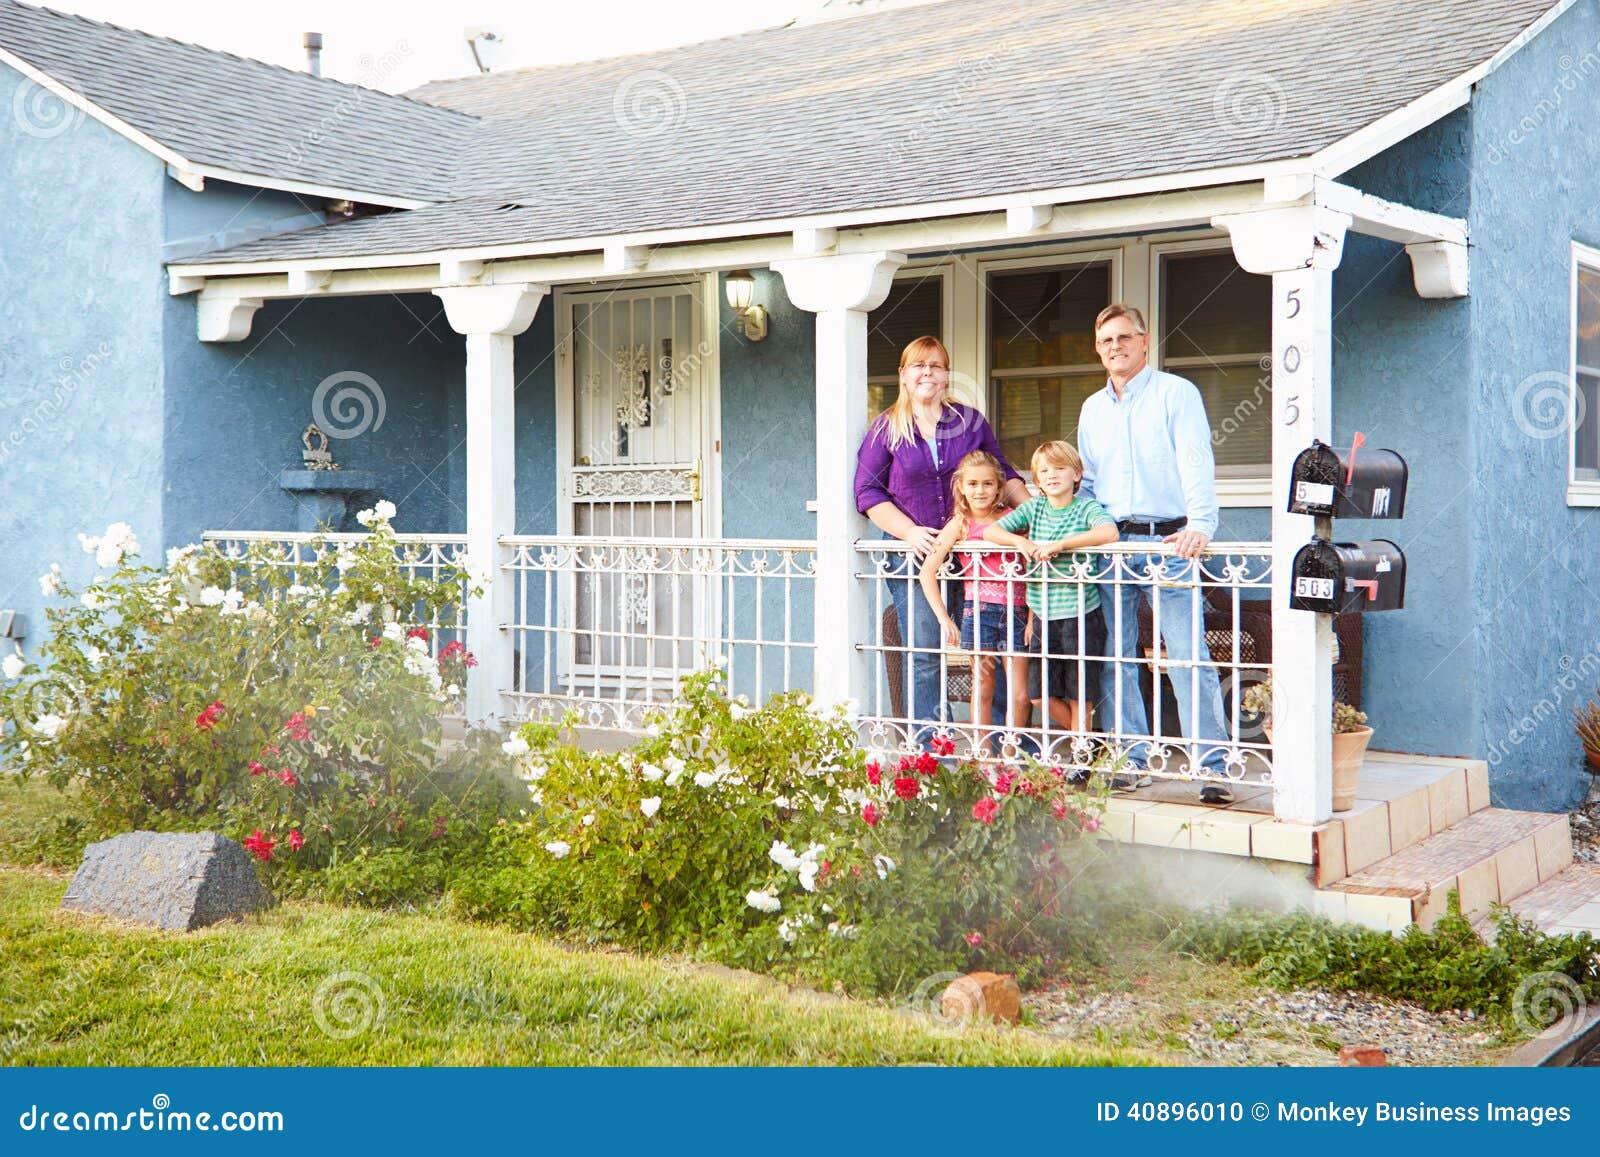 Le Porche De La Maison portrait de famille se tenant sur le porche de la maison suburbaine